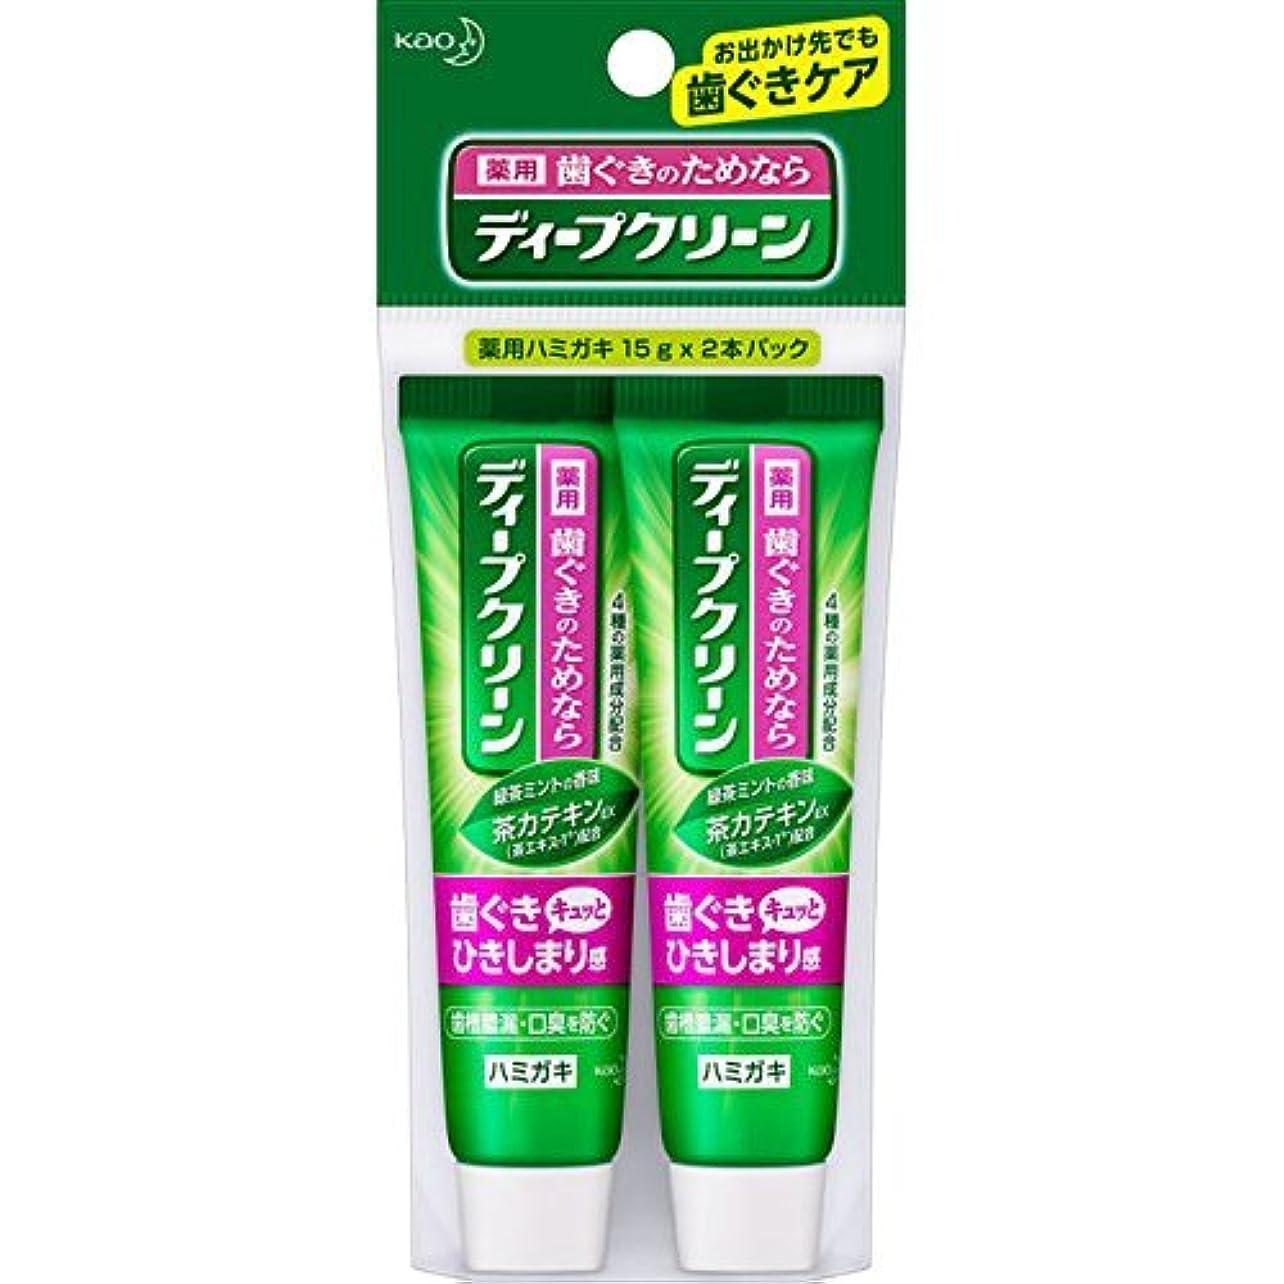 ようこそシャッター保守的花王 ディープクリーン 薬用ハミガキ ミニ 30g (医薬部外品)